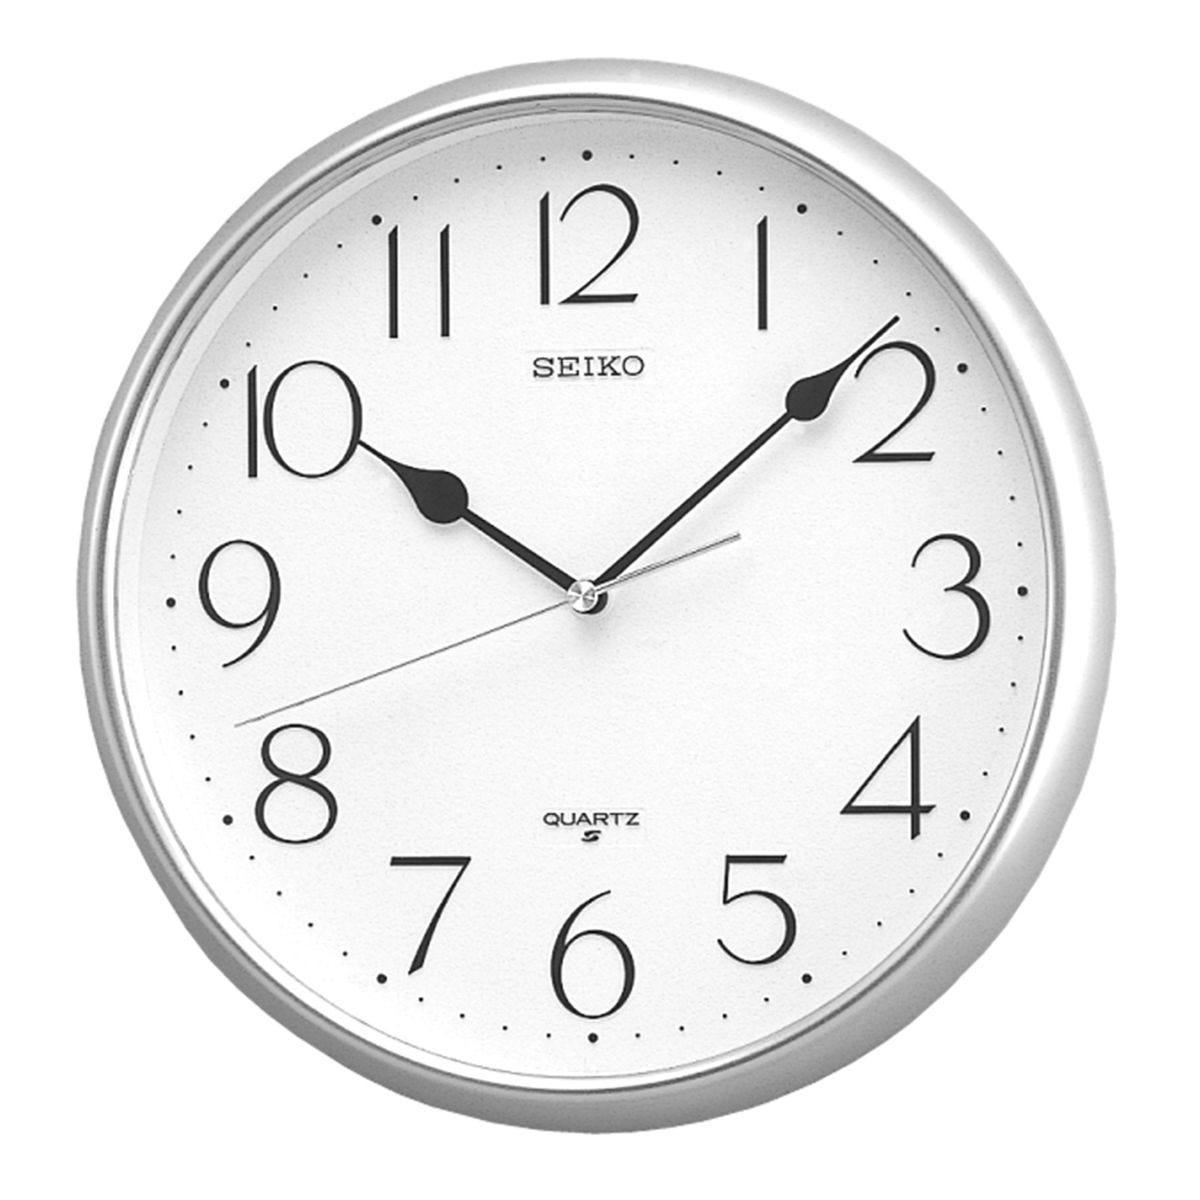 Seiko Quartz Wall Clock with Arabic Numerals - Silver